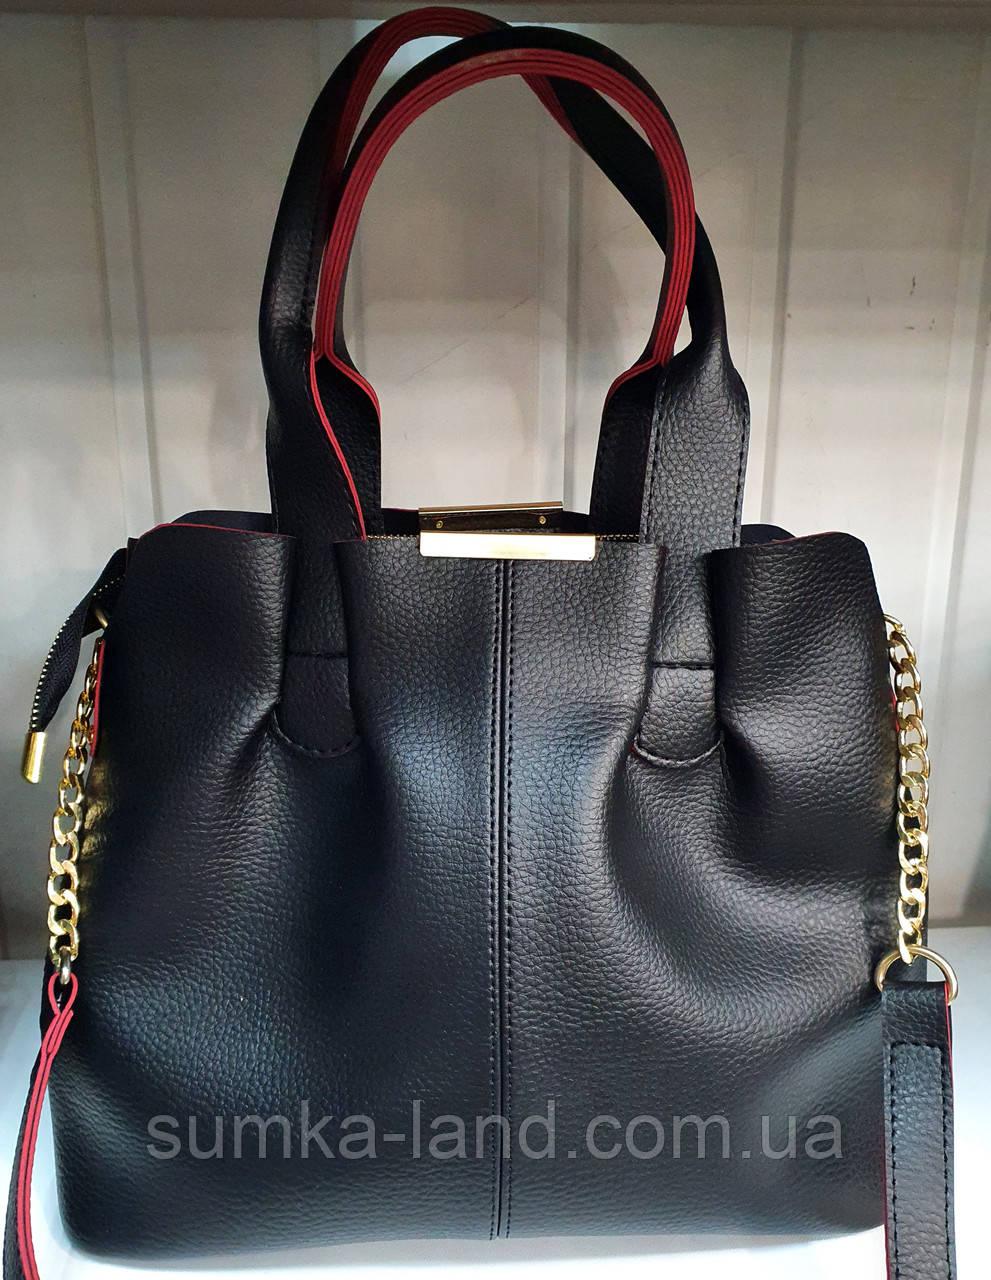 Женская черная с красным сумка на молнии с двумя дополнительными отделами 31*27 см